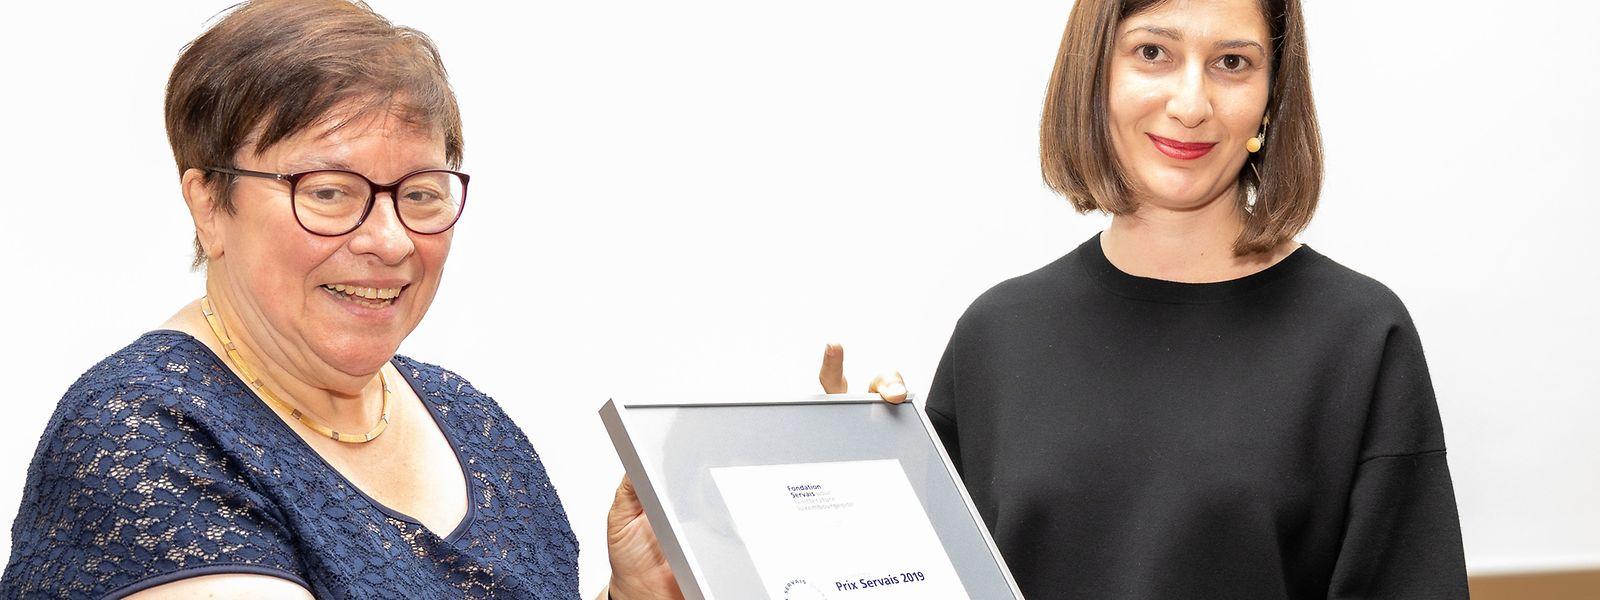 """Elise Schmit (r.) erhielt in diesem Jahr bereits den Prix Servais für ihr Werk """"Stürze aus unterschiedlichen Fallhöhen"""". Es ist auch unter den Kandidaten für den Buchpräis."""